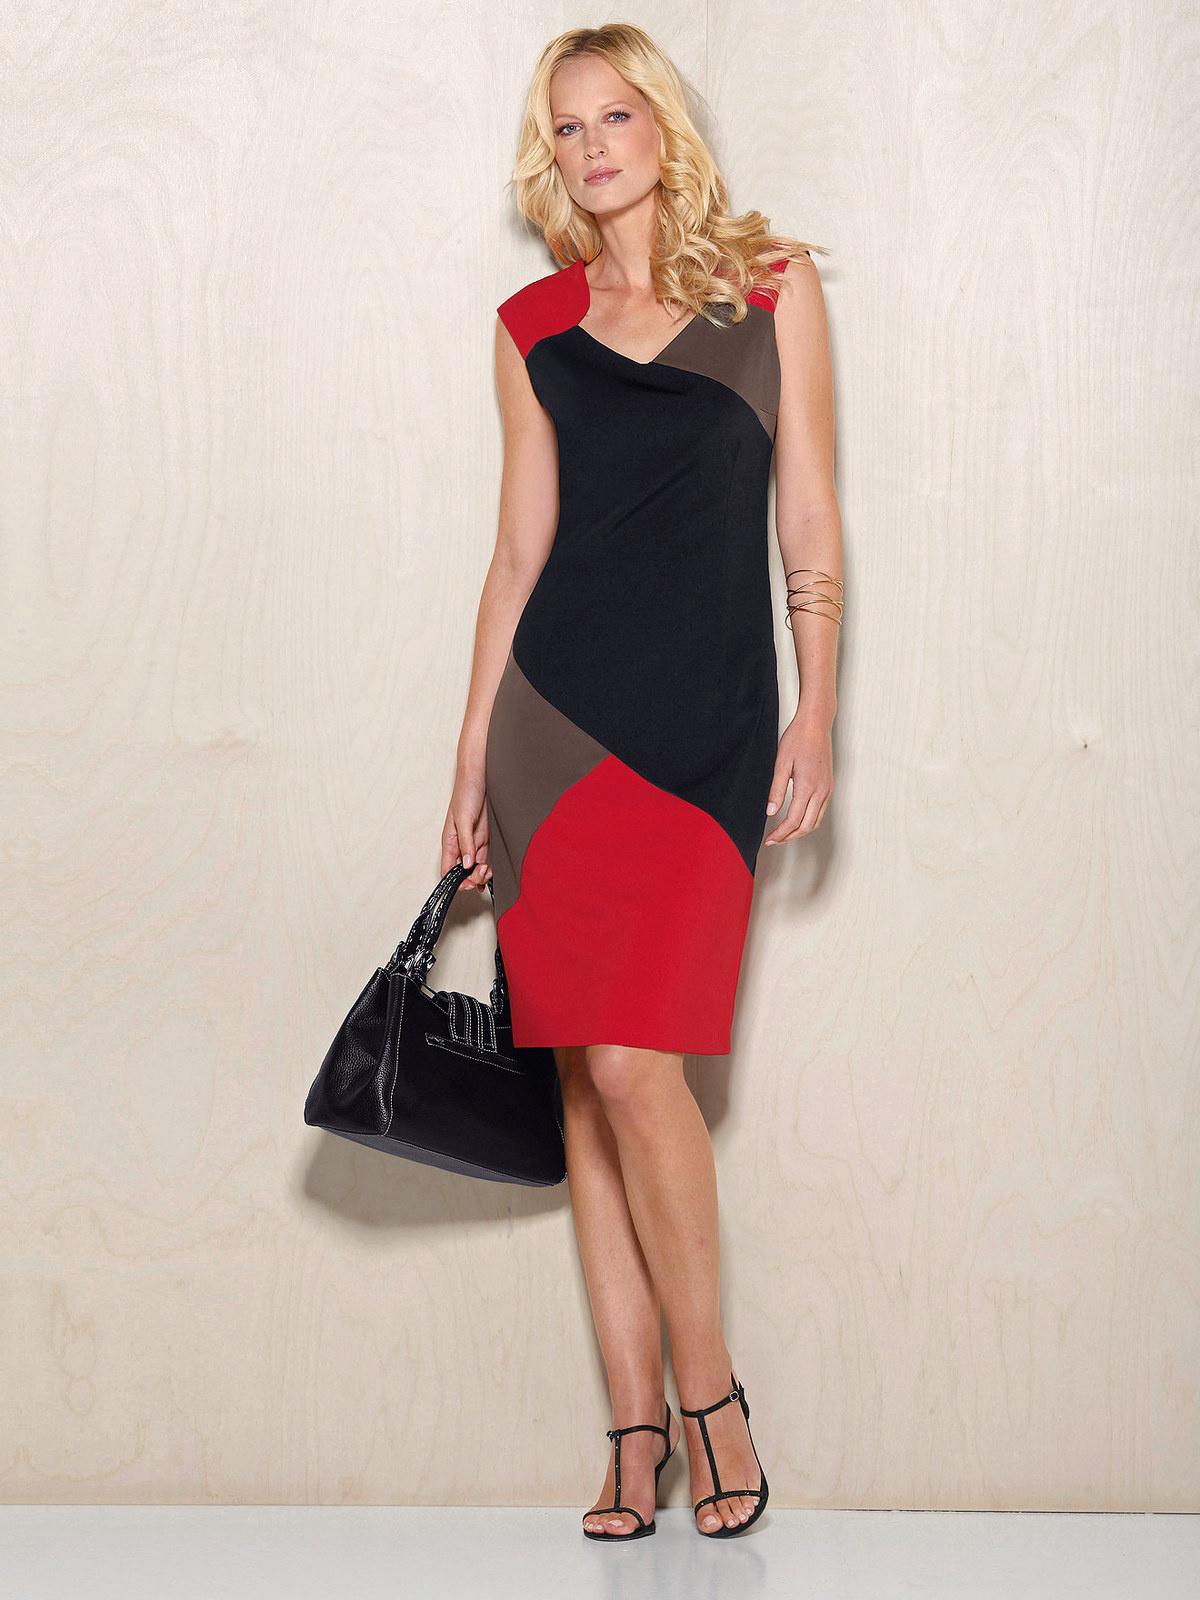 Платье для женщины 40 лет разноцветное